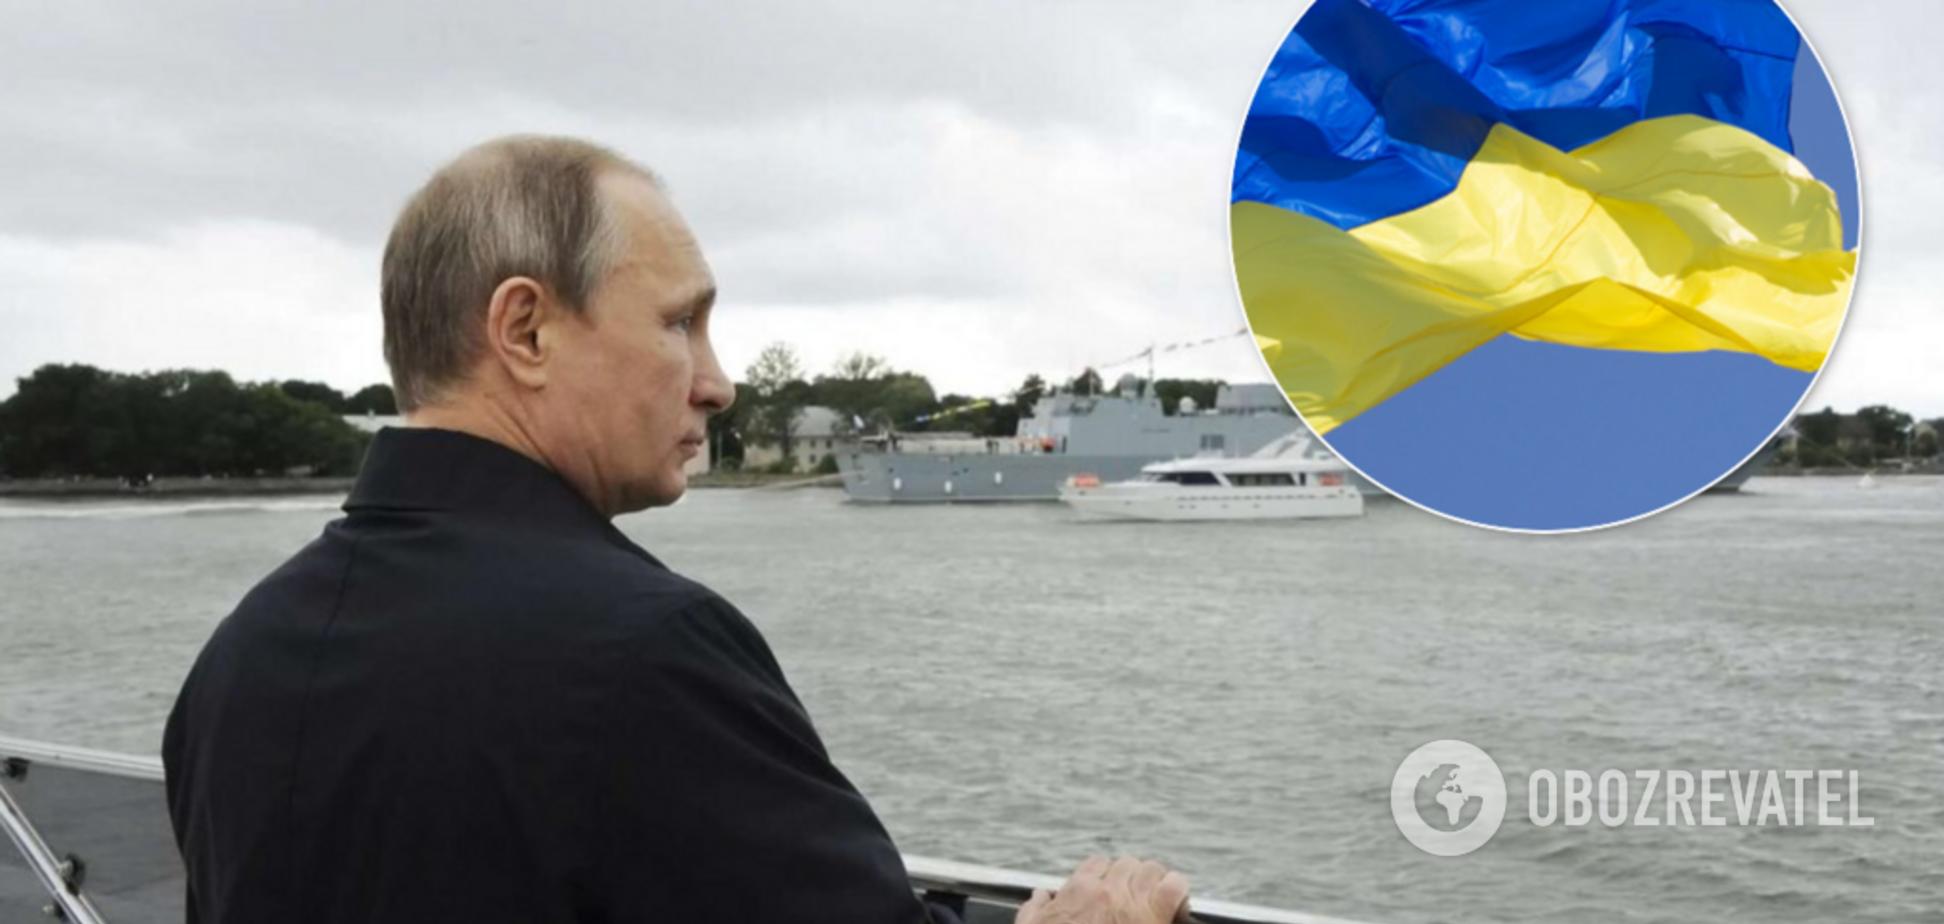 Путин нагрянул в Крым и устроил 'побоище': появилась реакция Украины